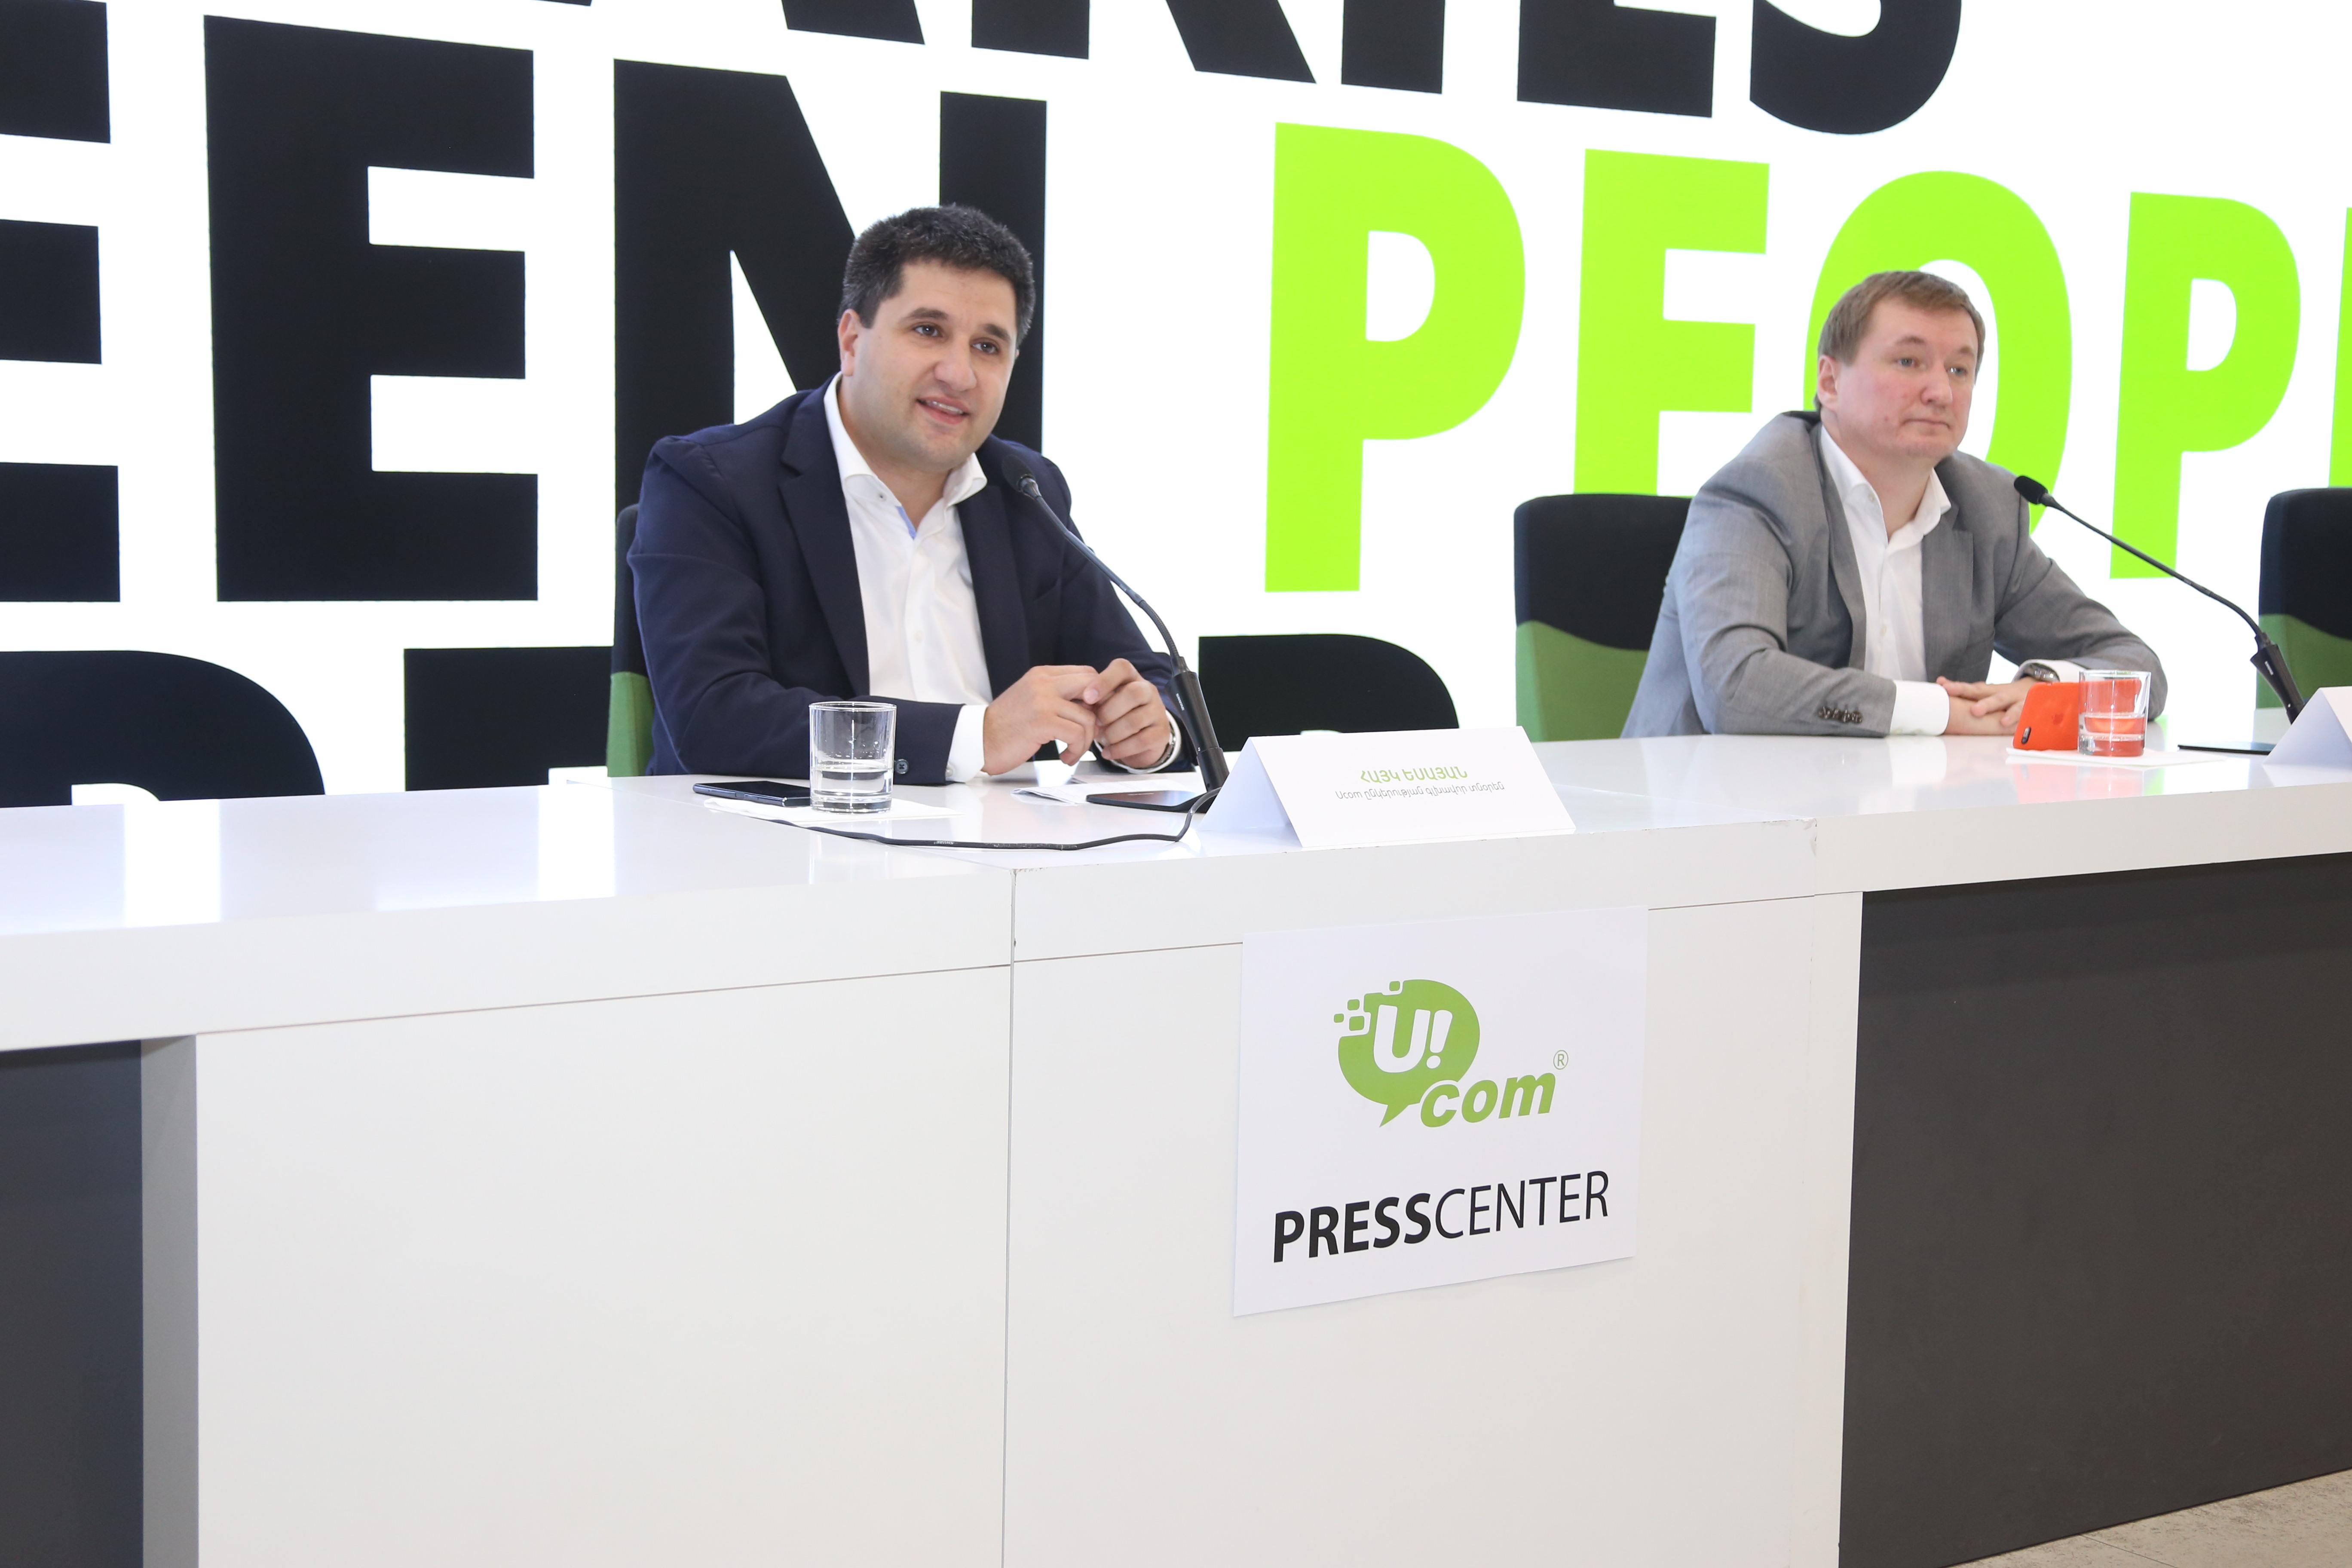 Ucom. նորարարական առաջարկ, որը թույլ կտա մոռանալ ռոմինգի մասին Հայաստանում և Ռուսաստանում